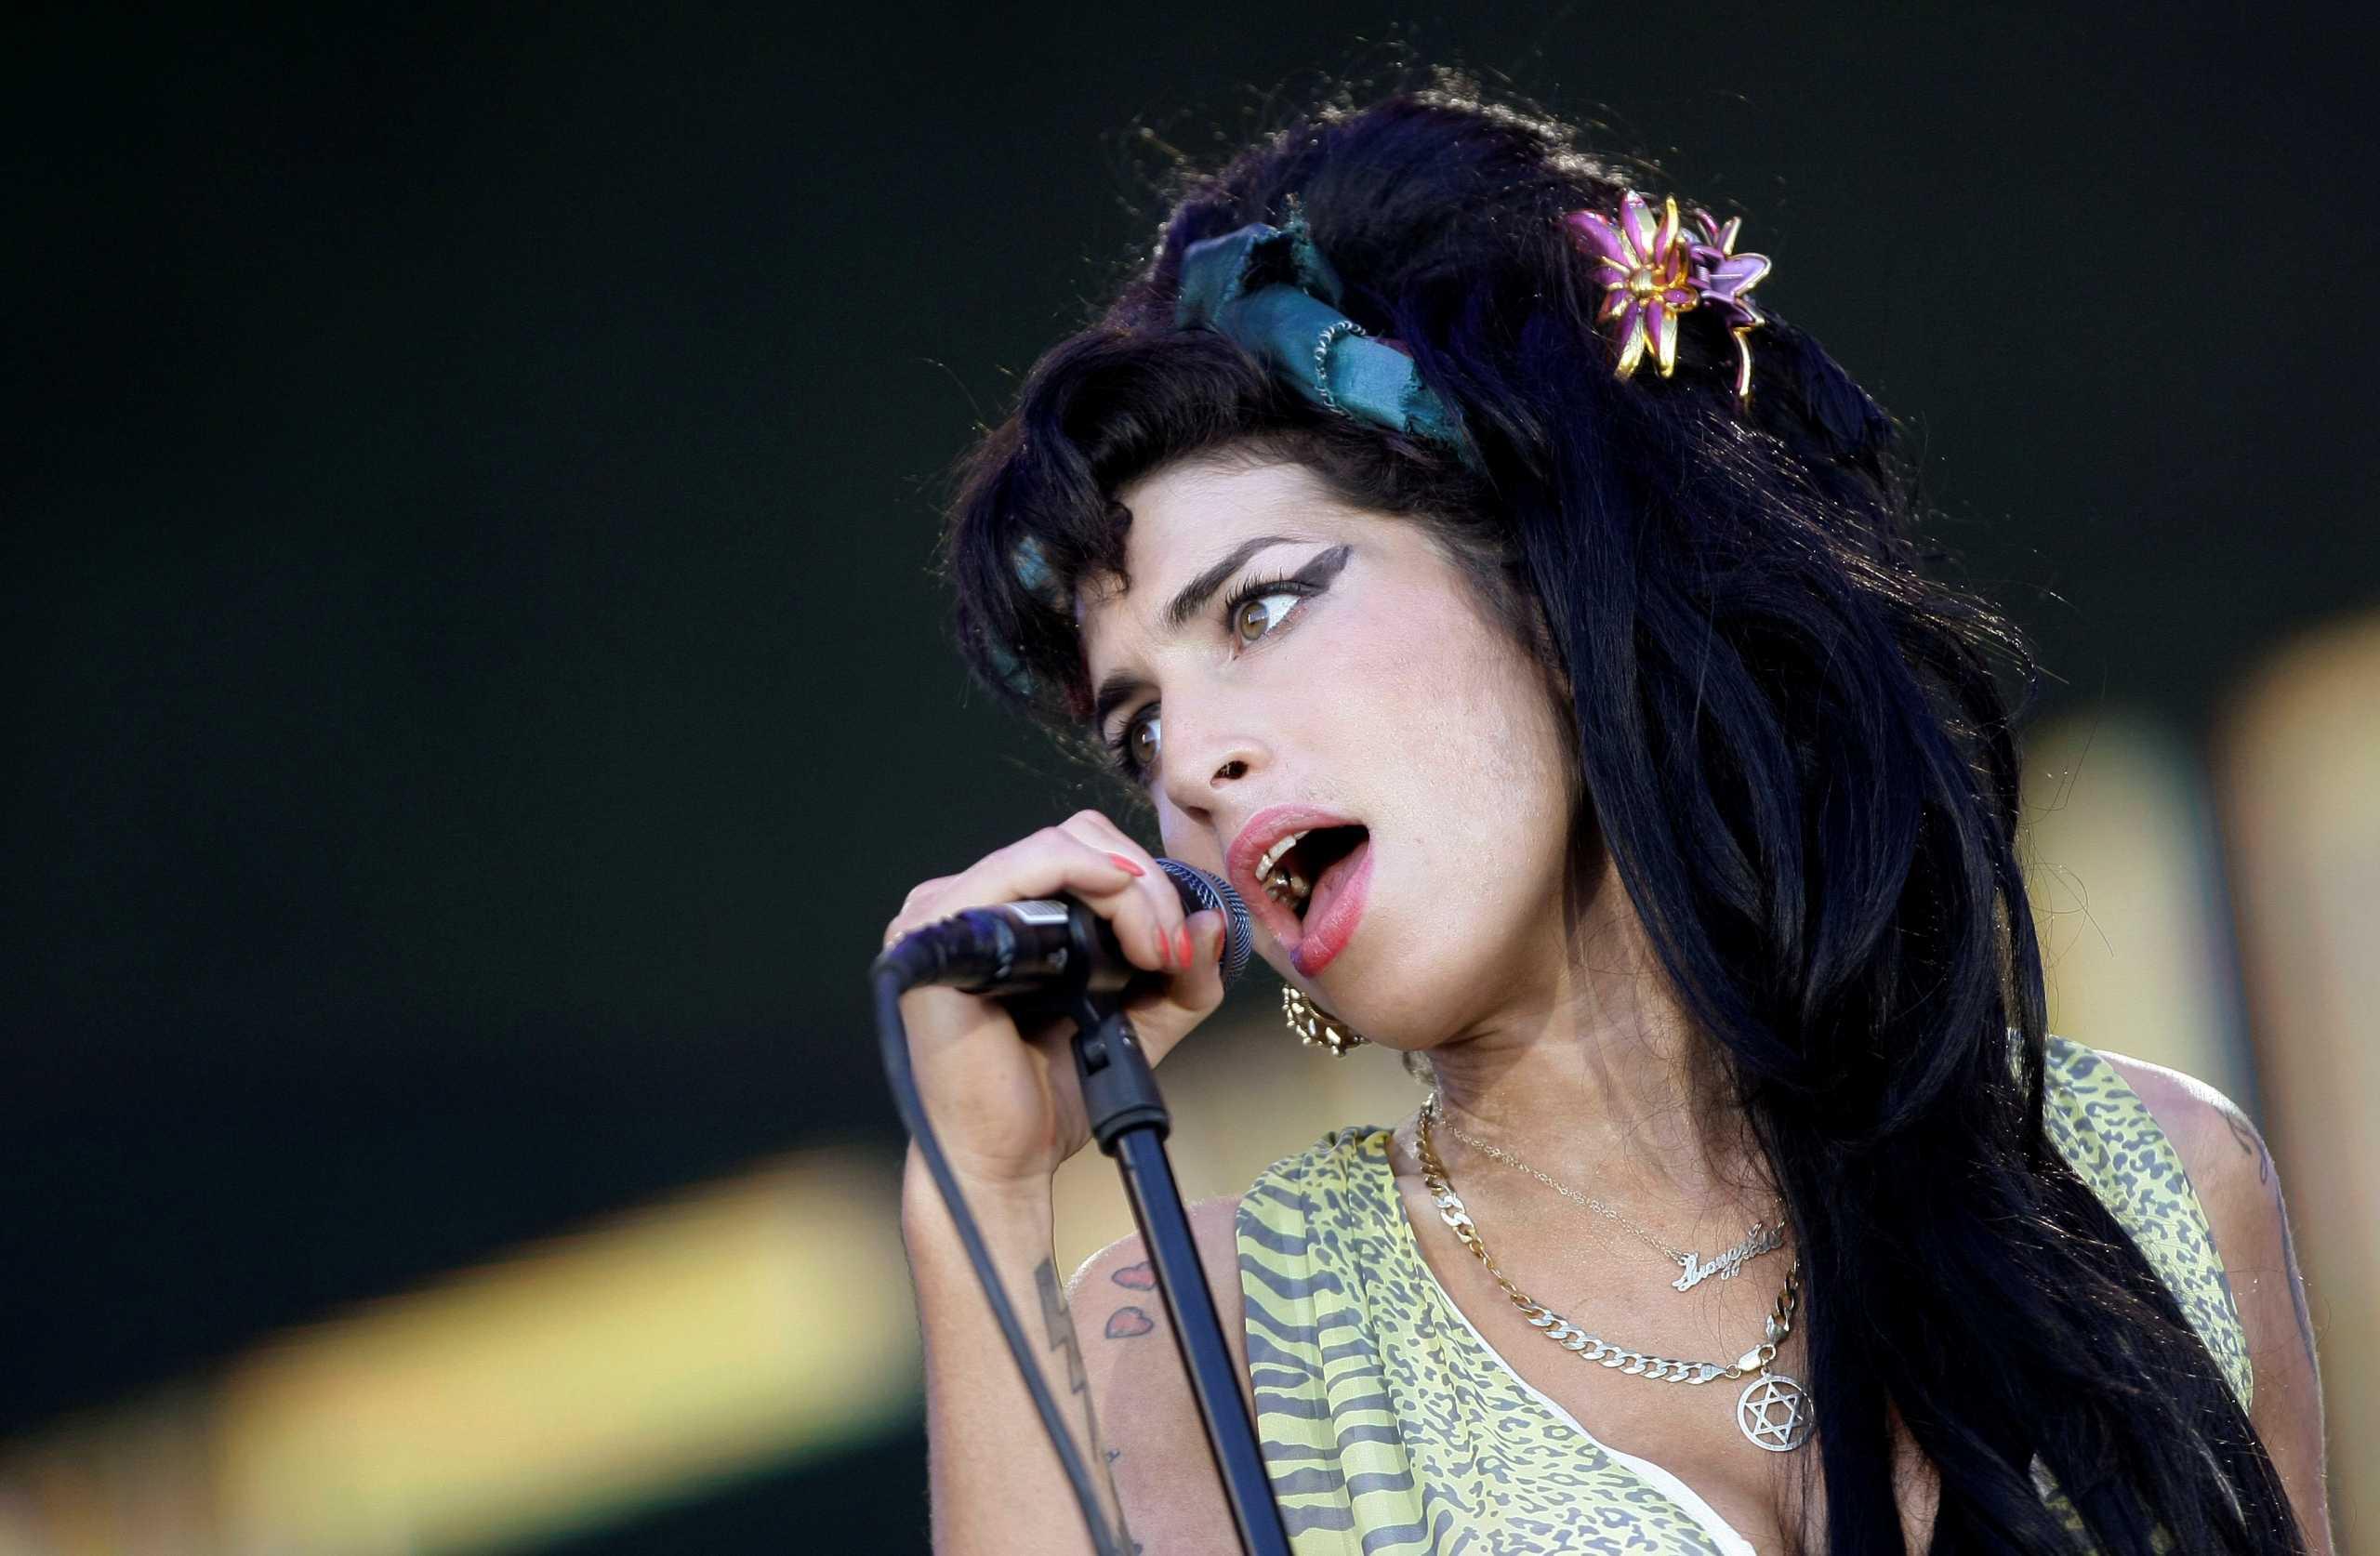 Amy Winehouse 10 Years On»: Νέο ντοκιμαντέρ θα κάνει πρεμιέρα τον Ιούλιο στο BBC